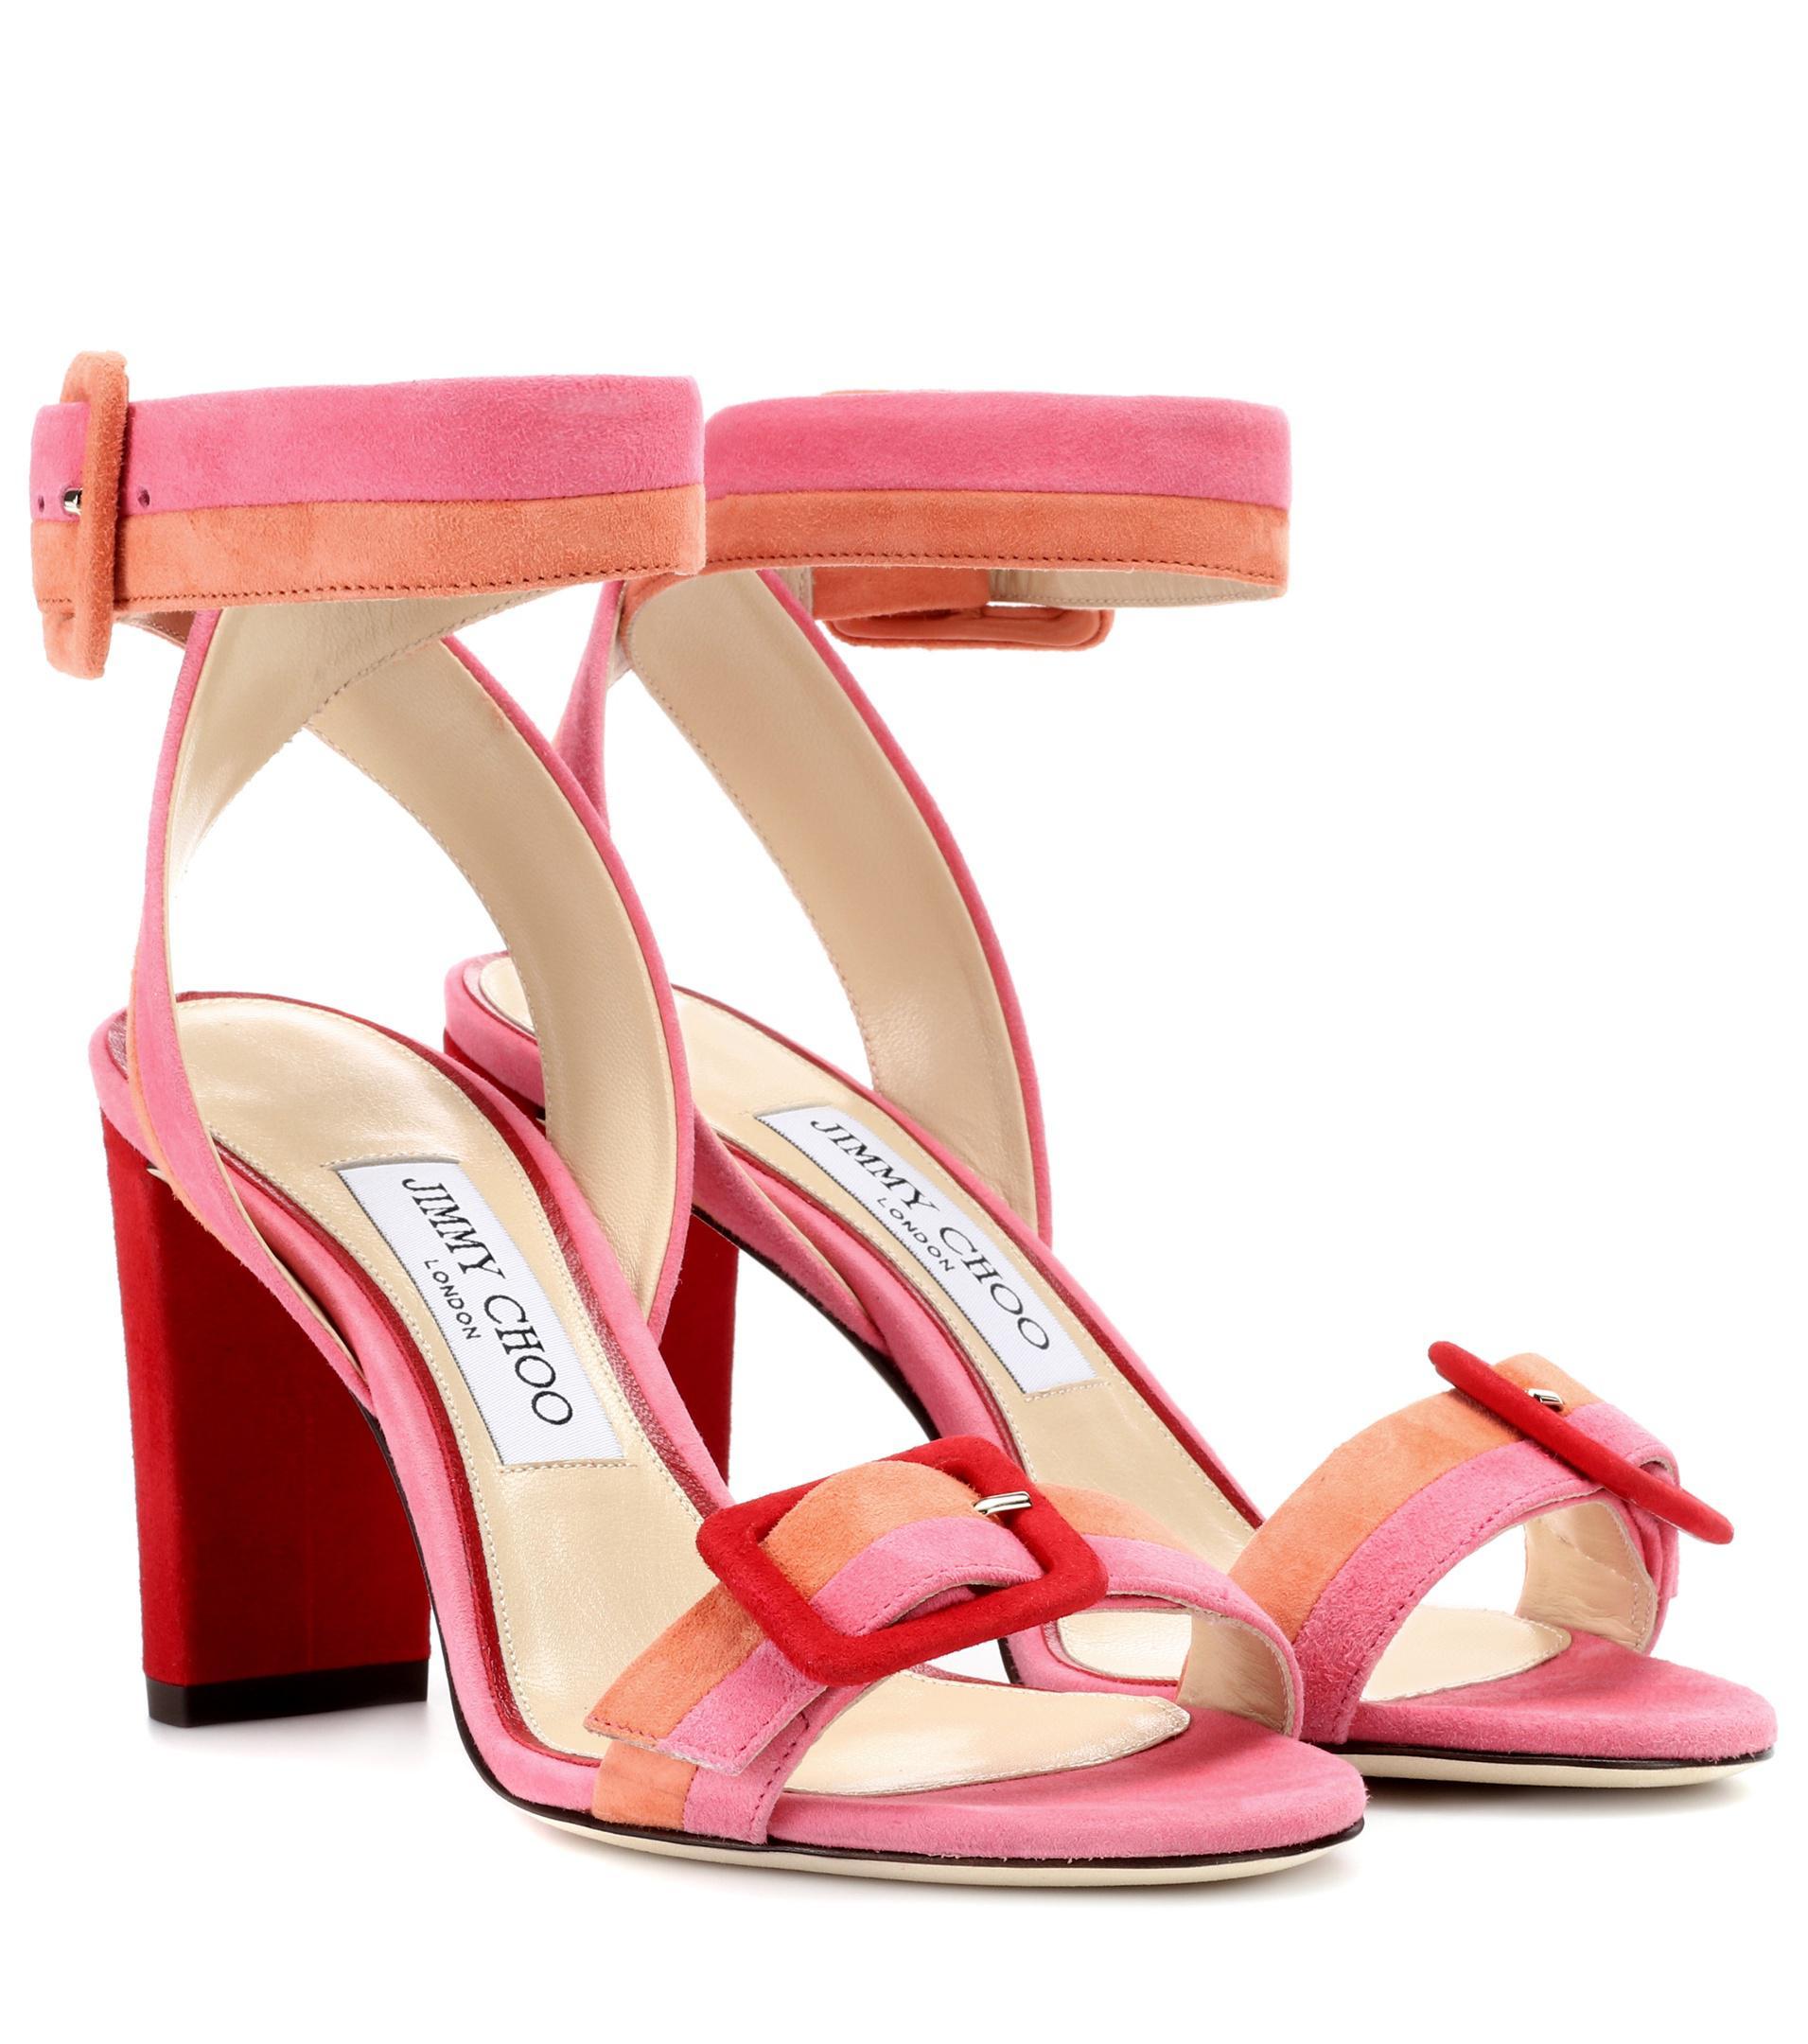 Sacora 100 Embellished Suede Sandals - Black Jimmy Choo London 0kaXJD